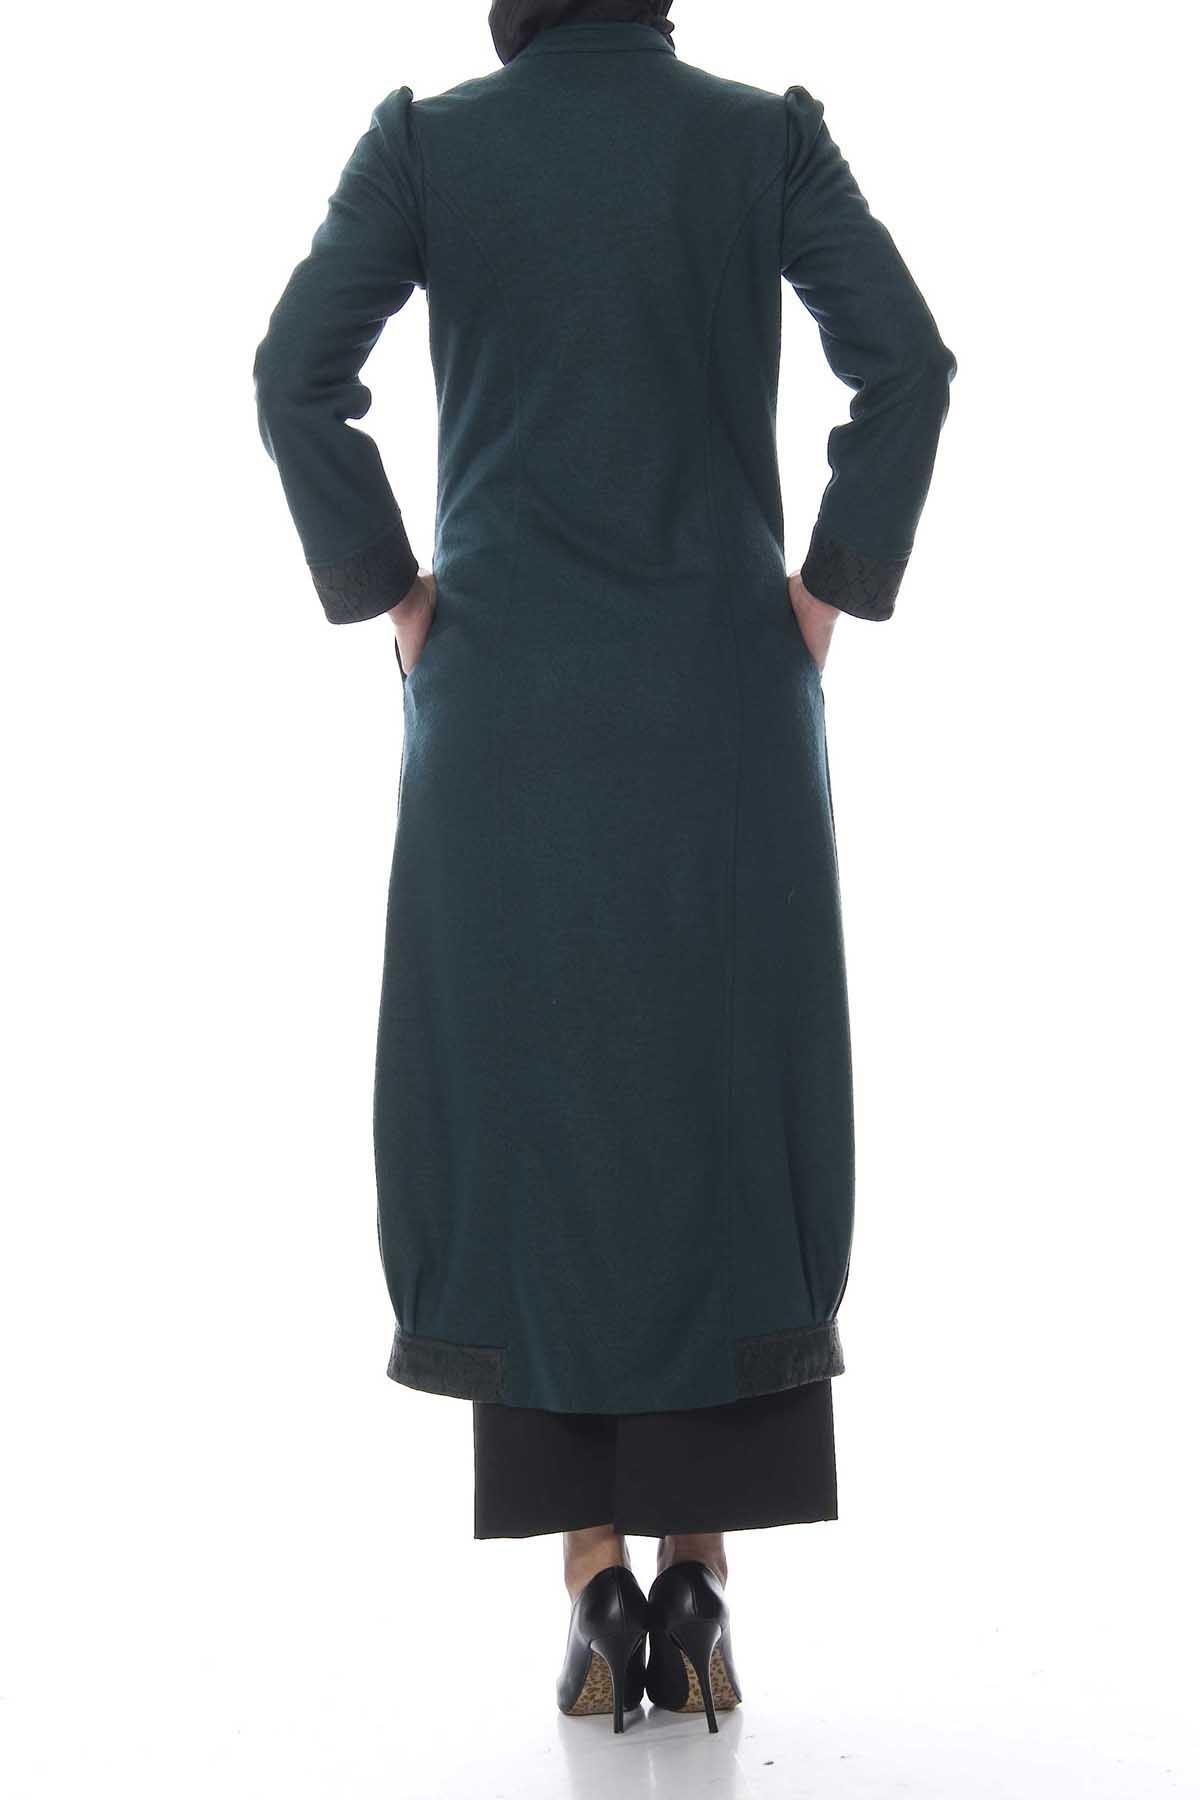 Yeşil Kaşe Kaban K7-103113